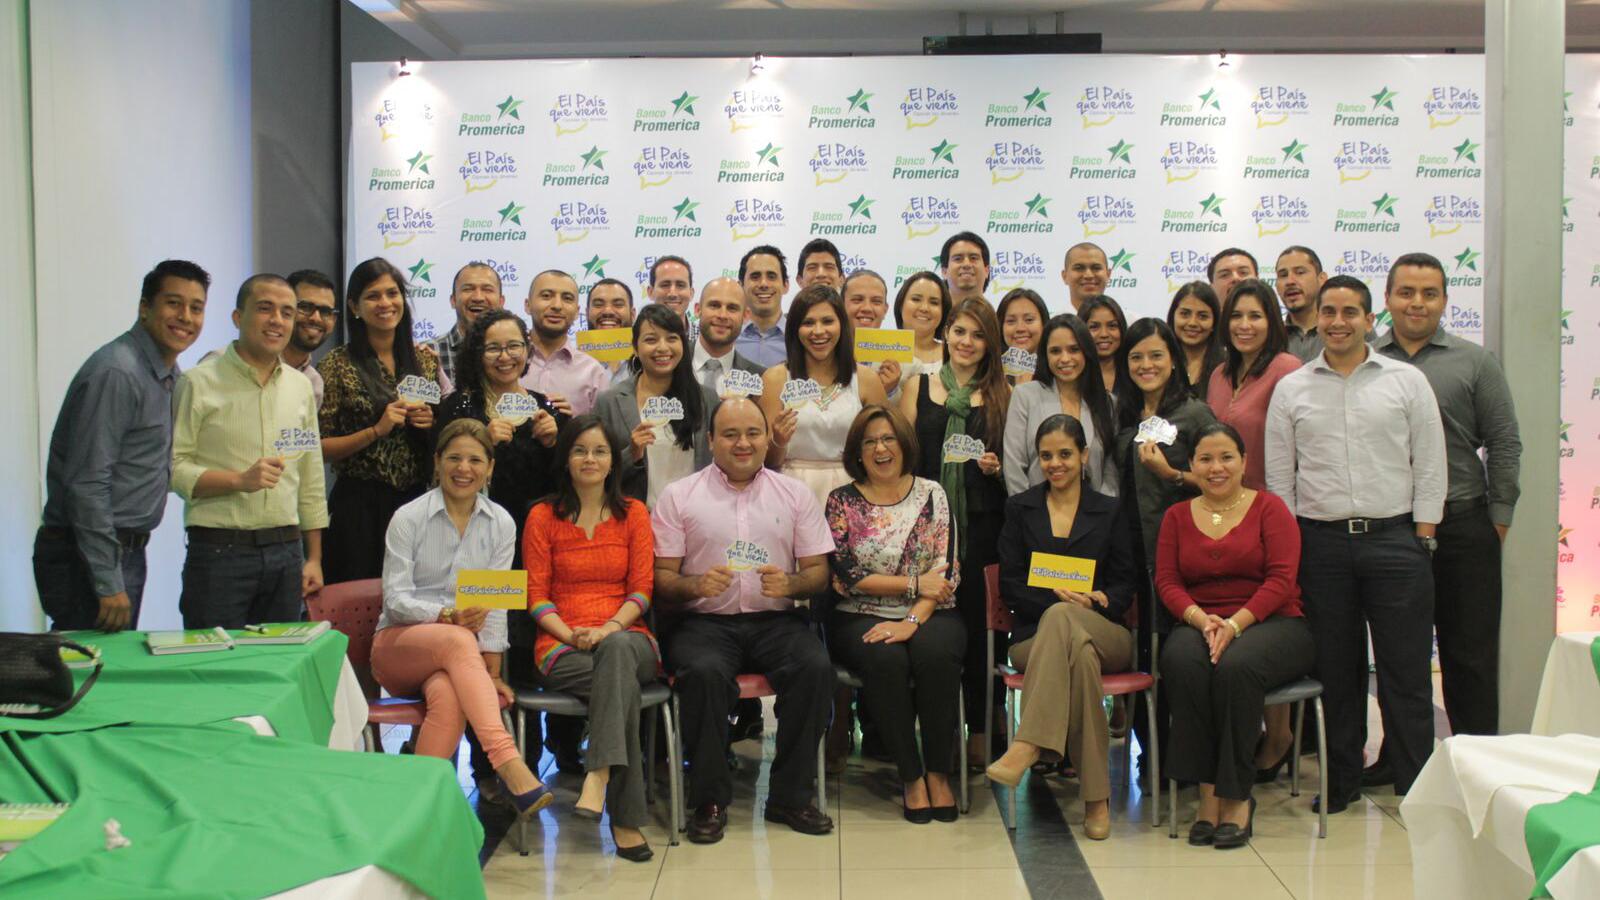 Esta iniciativa quiere empoderar a los jóvenes en El Salvador